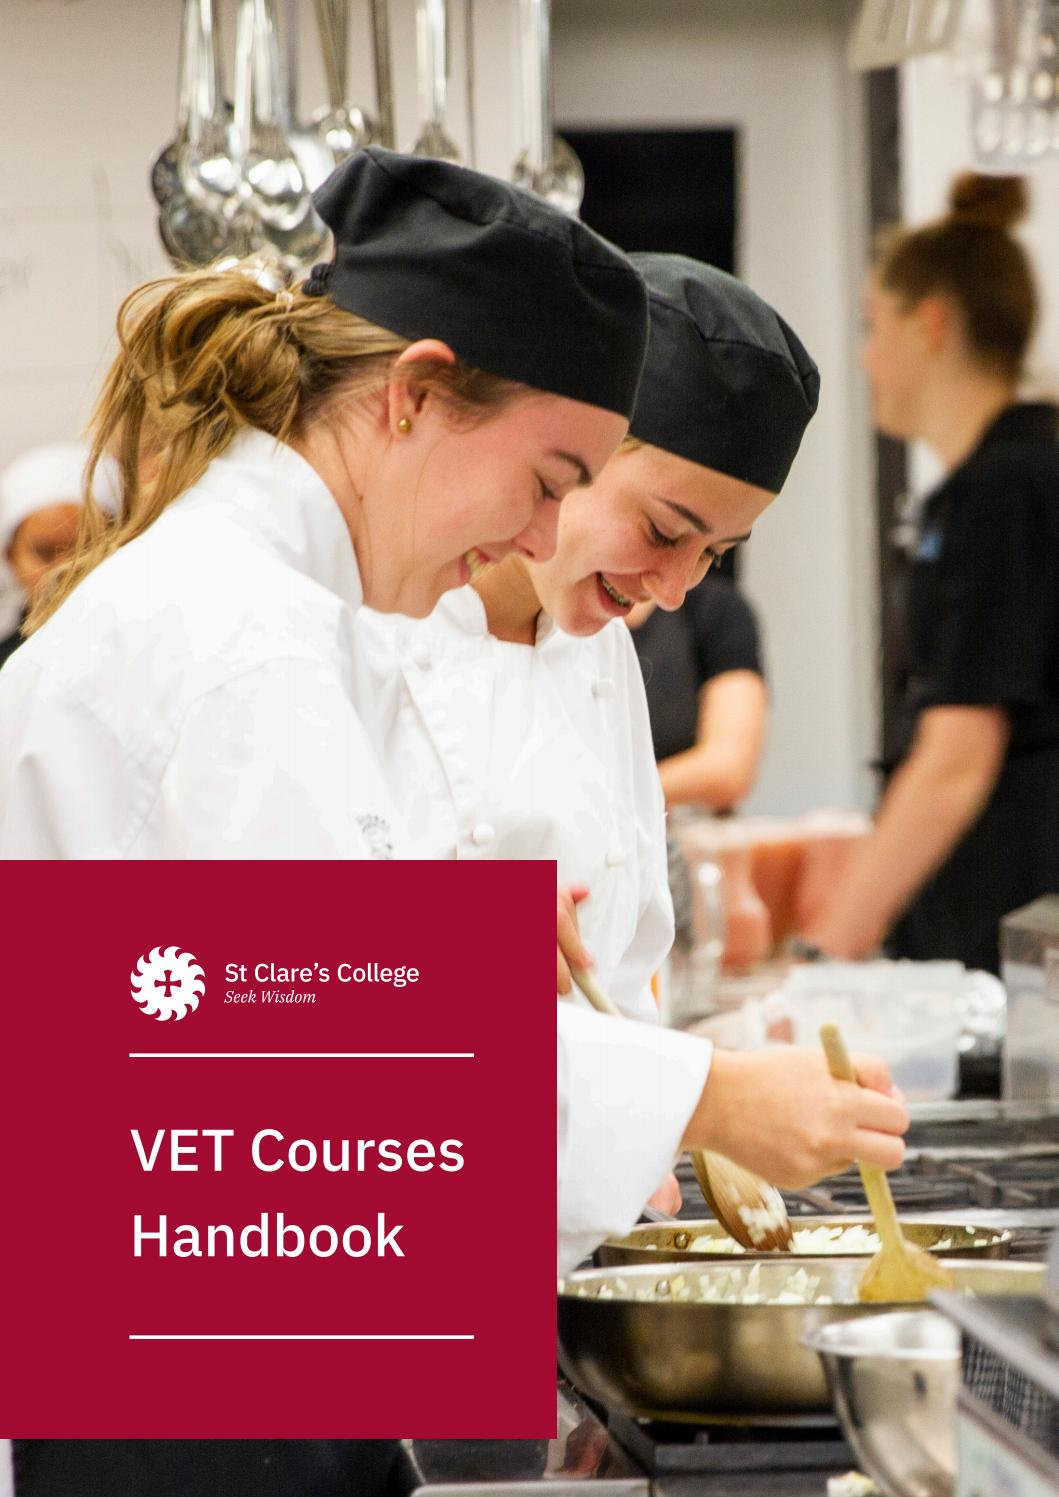 Download VET Courses Handbook